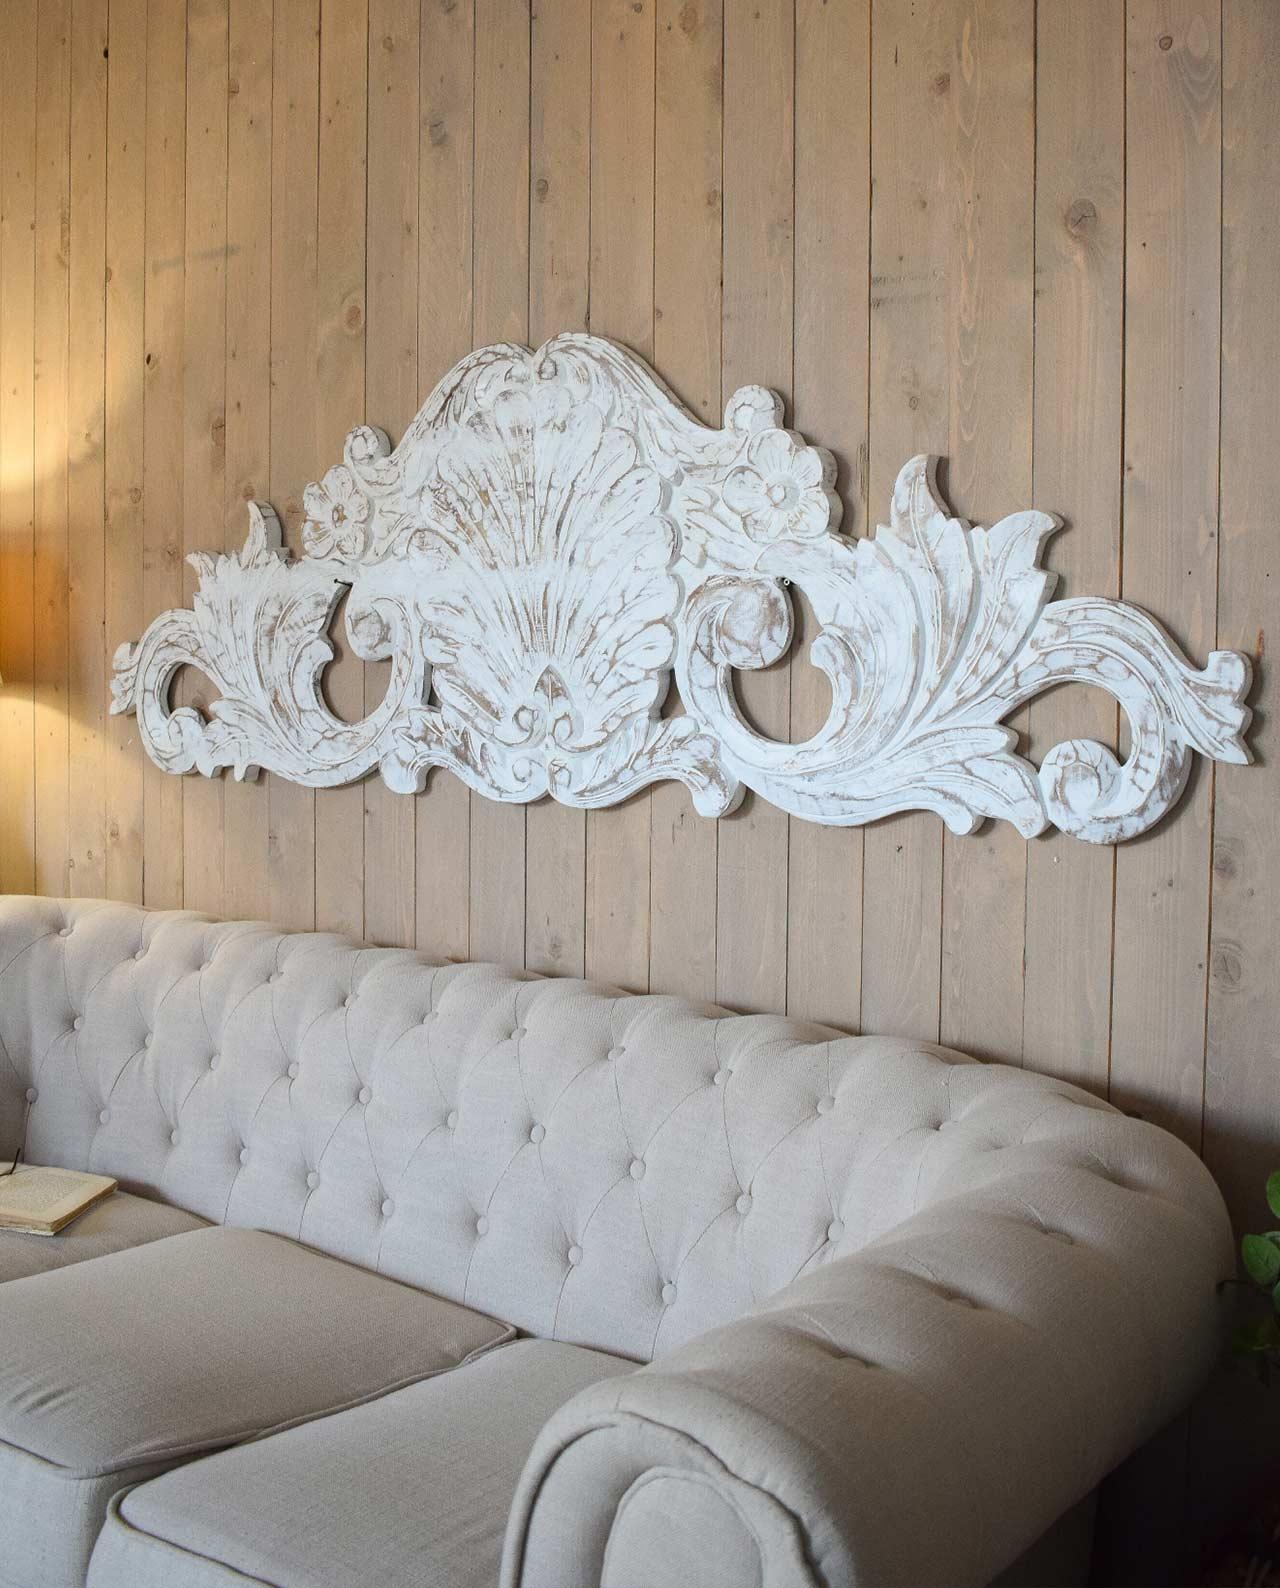 Testata legno intarsiata barocco